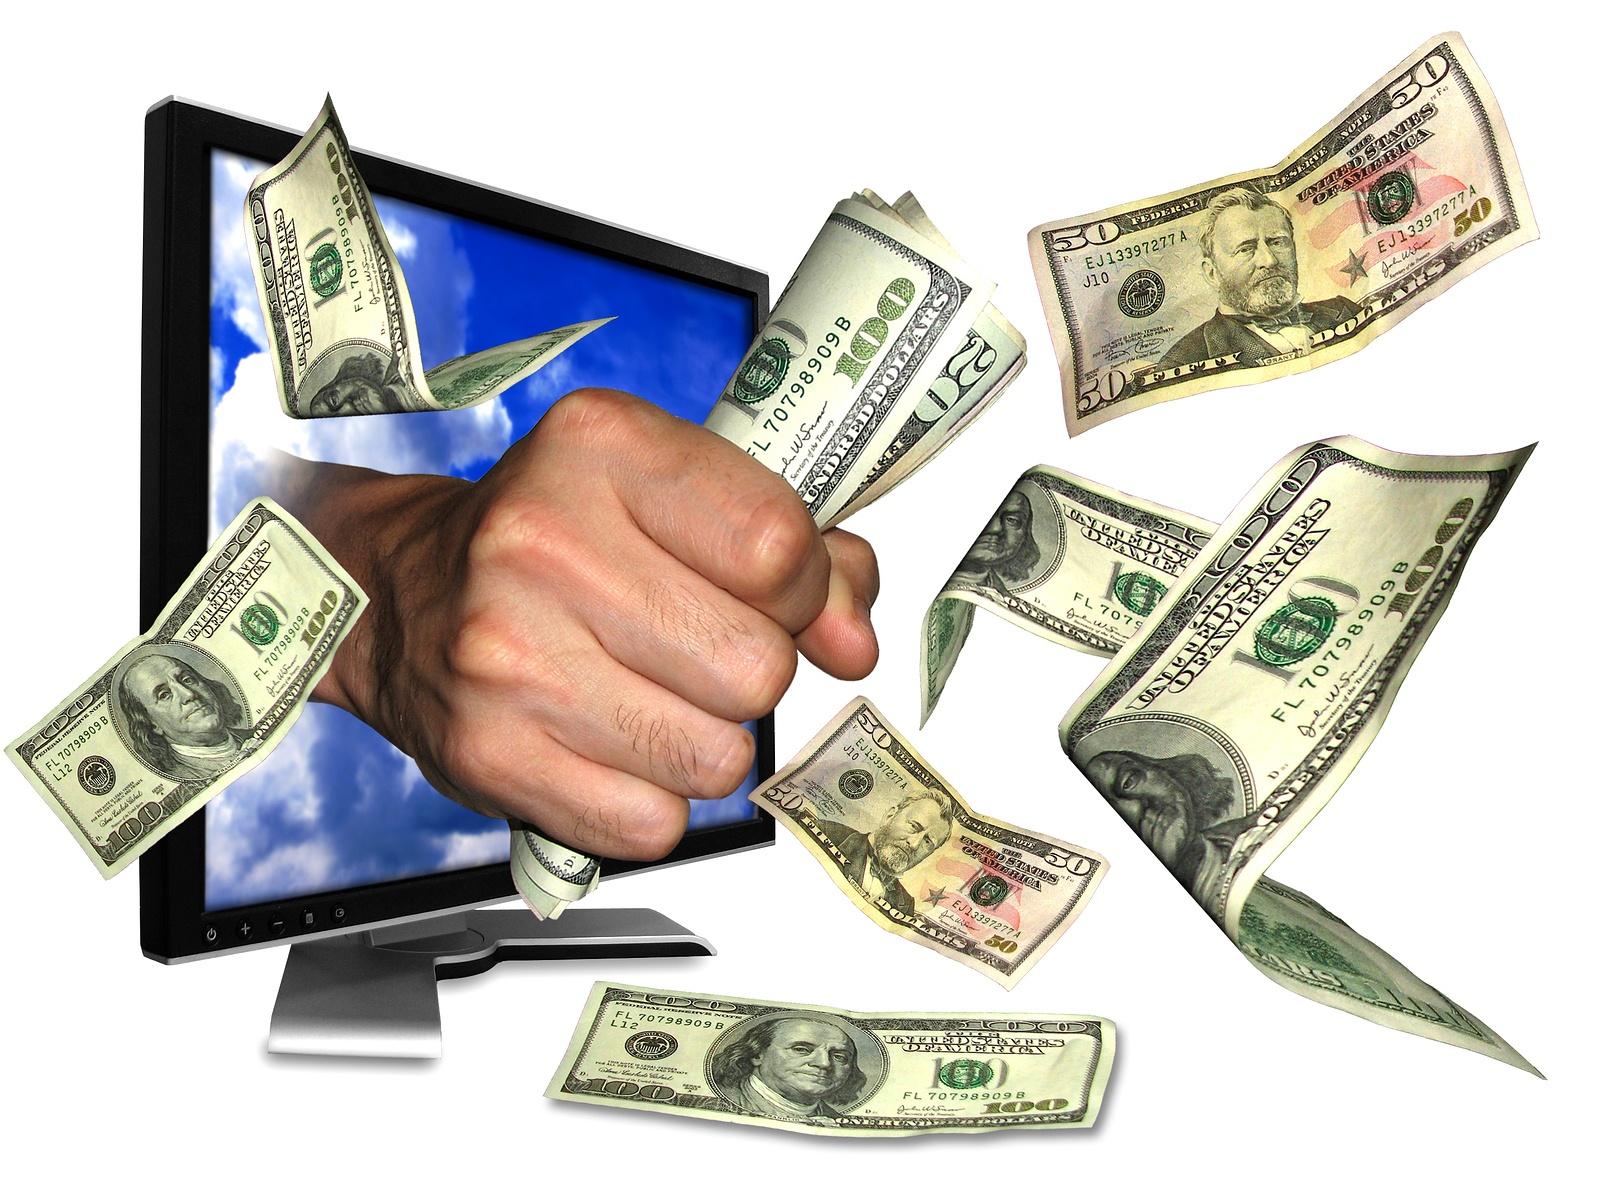 Принципы работы аукциона и поджимание в контекстной рекламе - 4